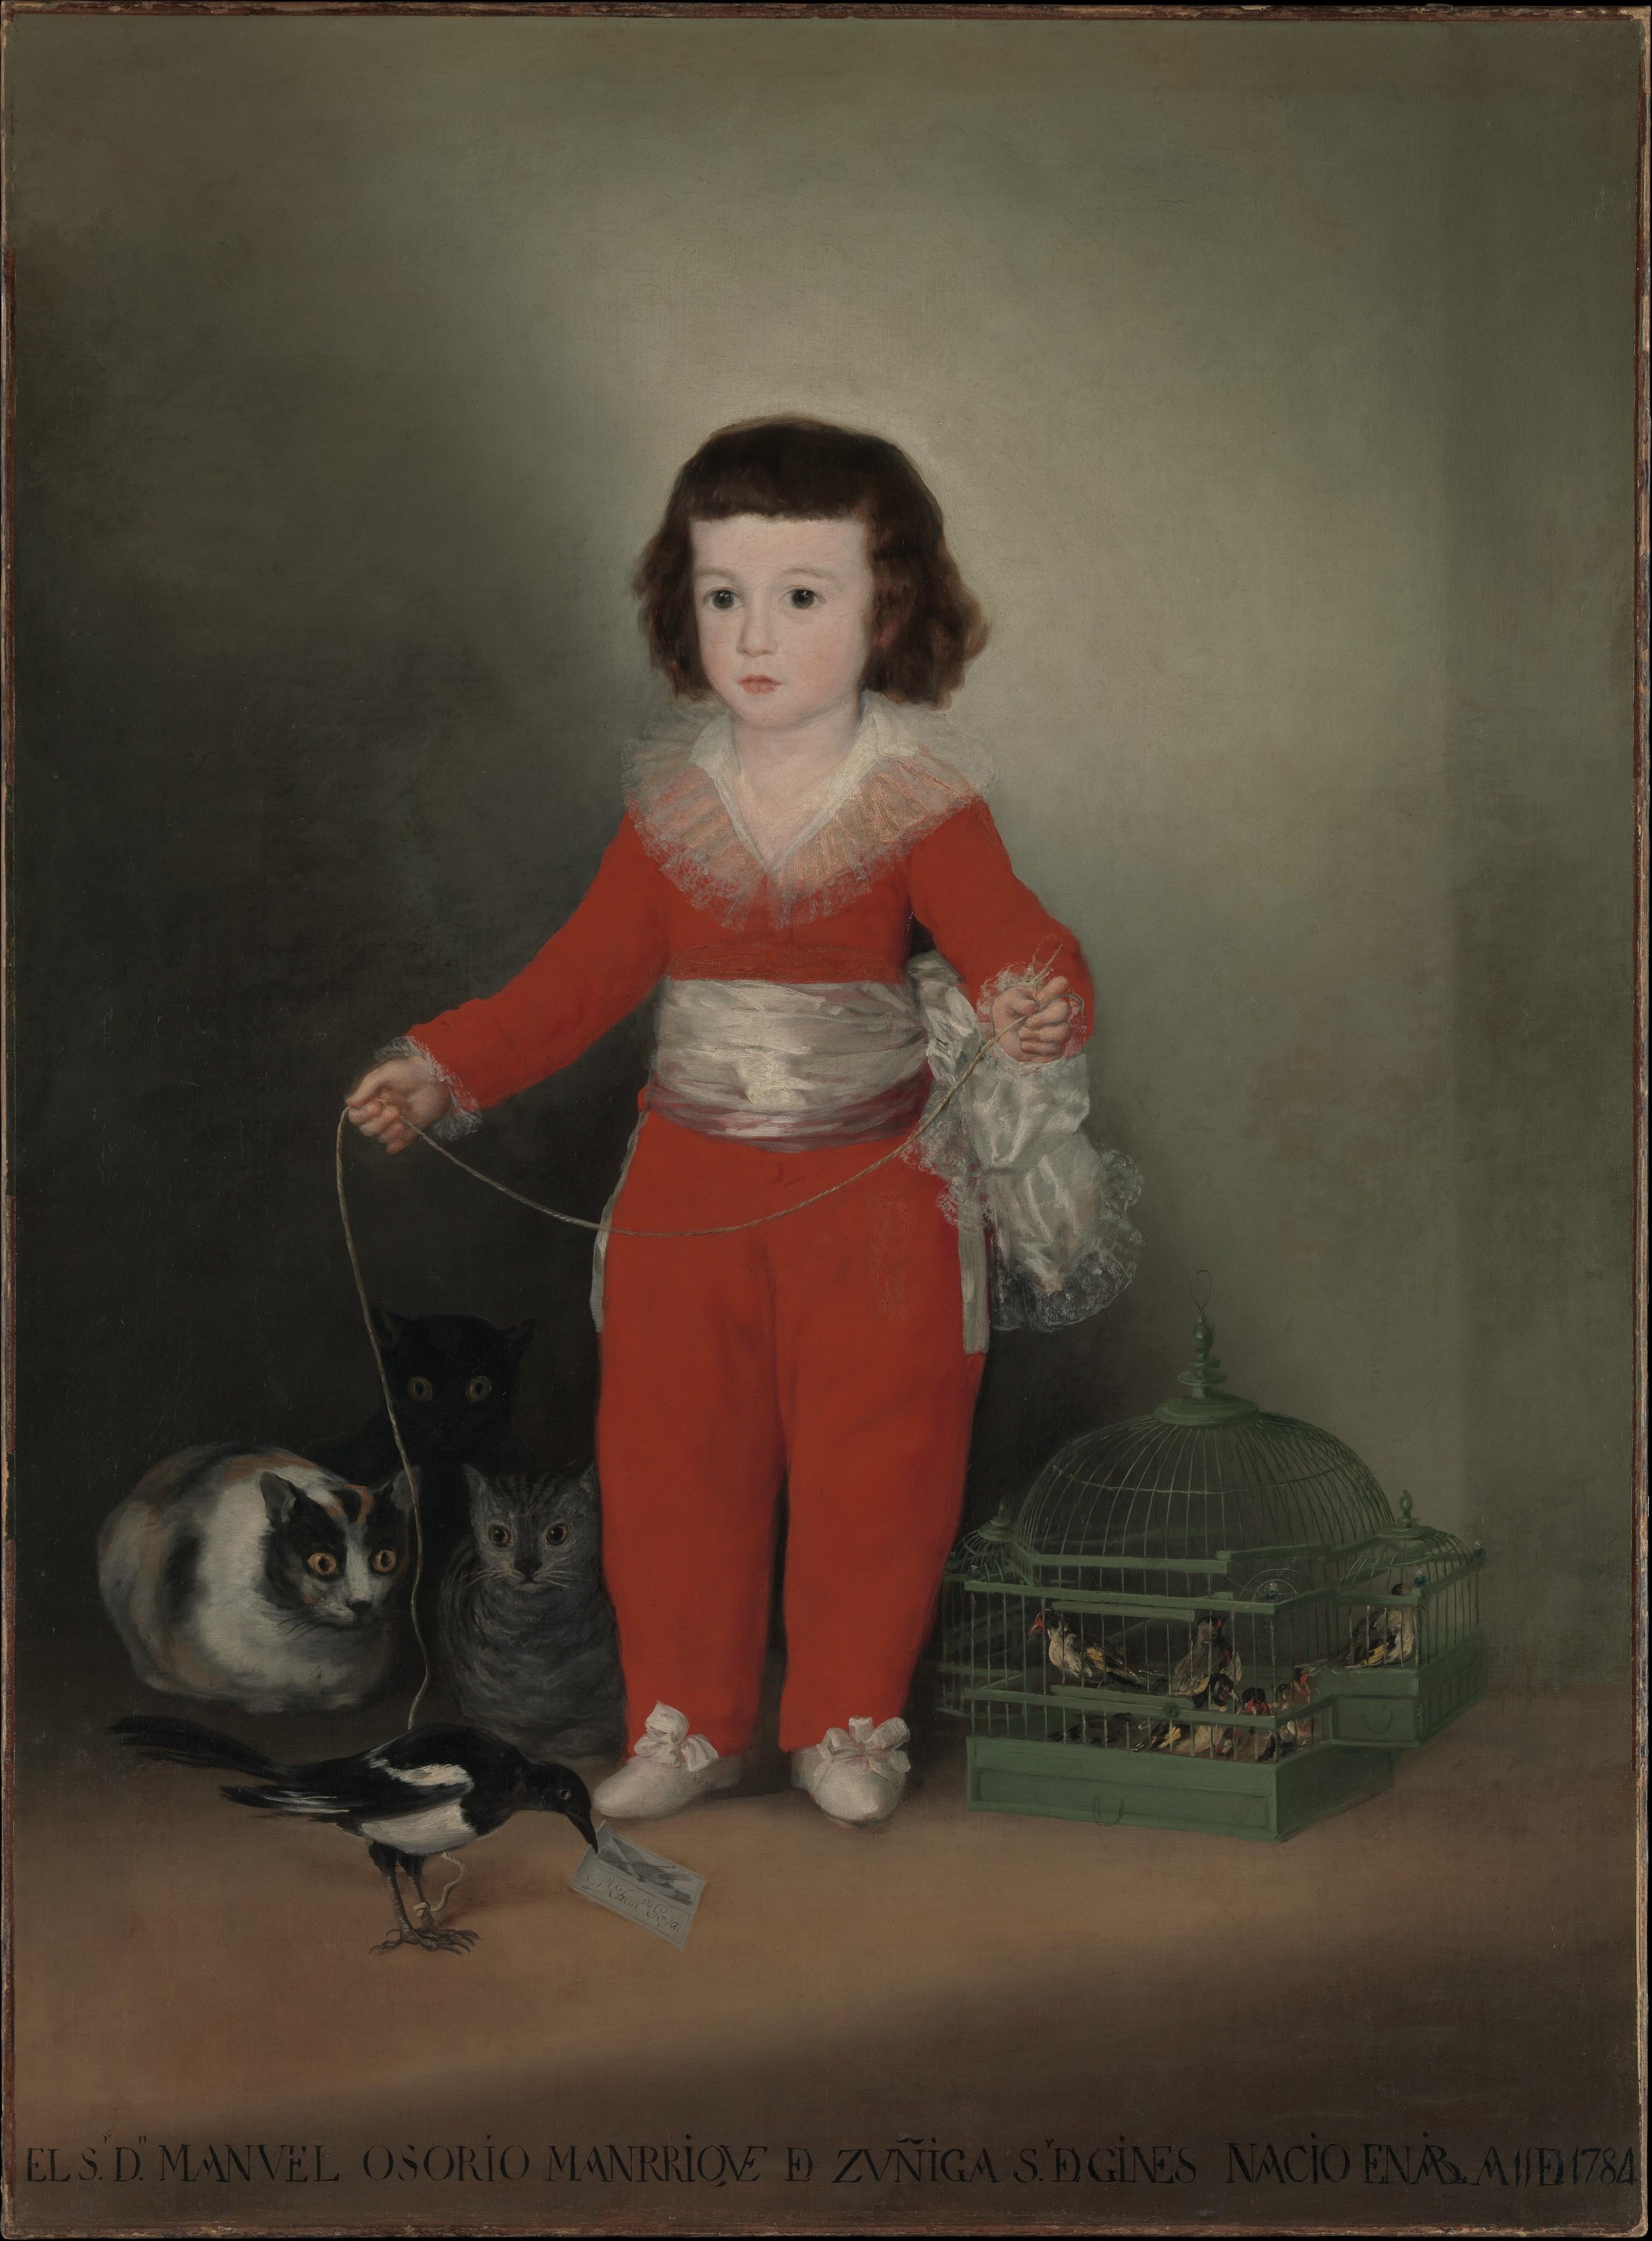 Manuel Osorio Manrique de Zuñiga (1784–1792) Goya (Francisco de Goya y Lucientes) (Spanish, Fuendetodos 1746–1828 Bordeaux)